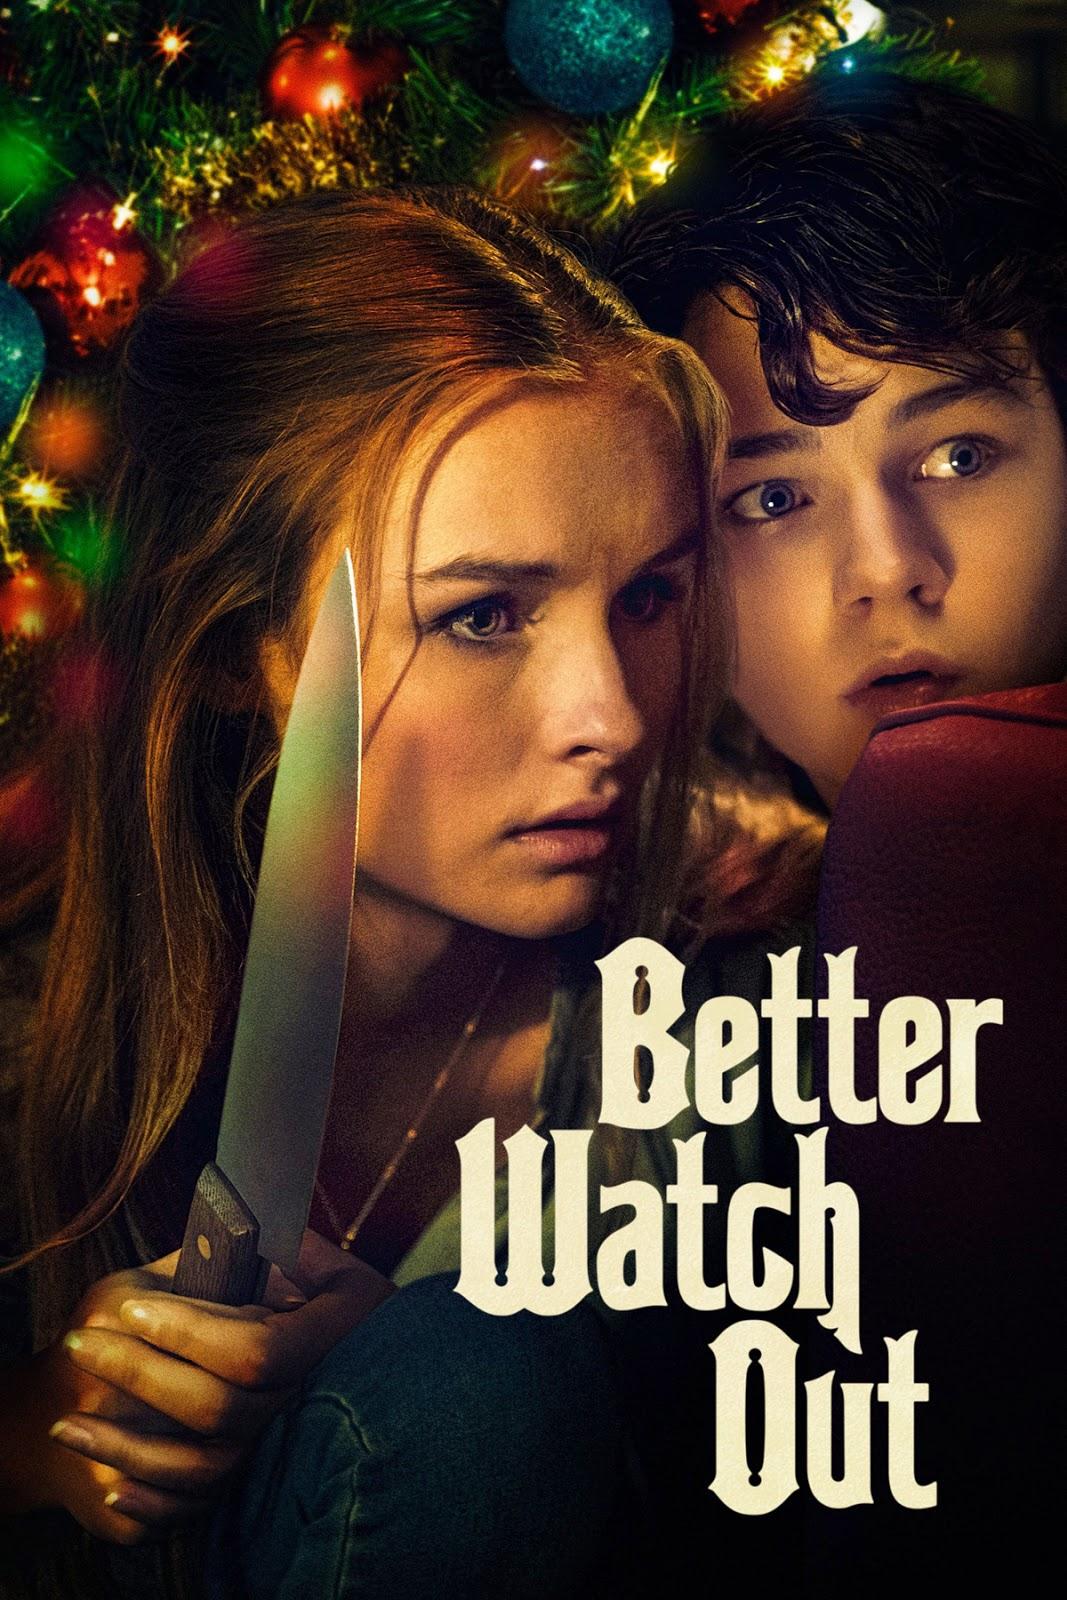 Better Watch Out (Safe Neighborhood) (2017) โดดเดี่ยว เดี๋ยวก็ตาย